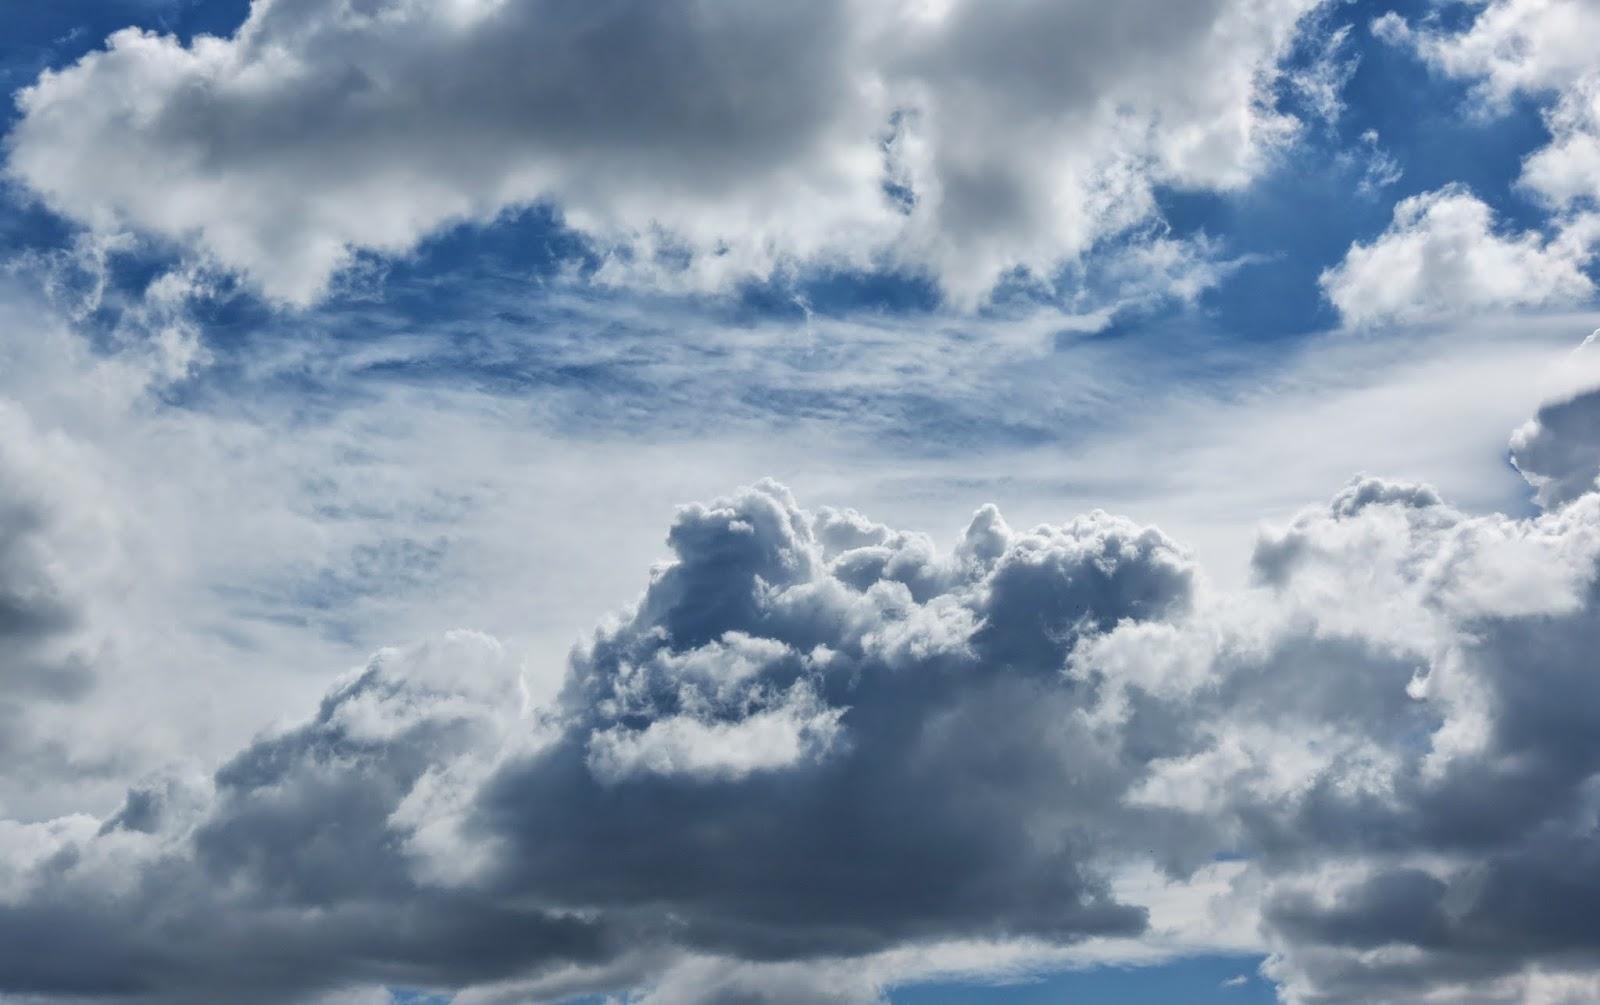 el blanco de la nube, Beatriz 2014